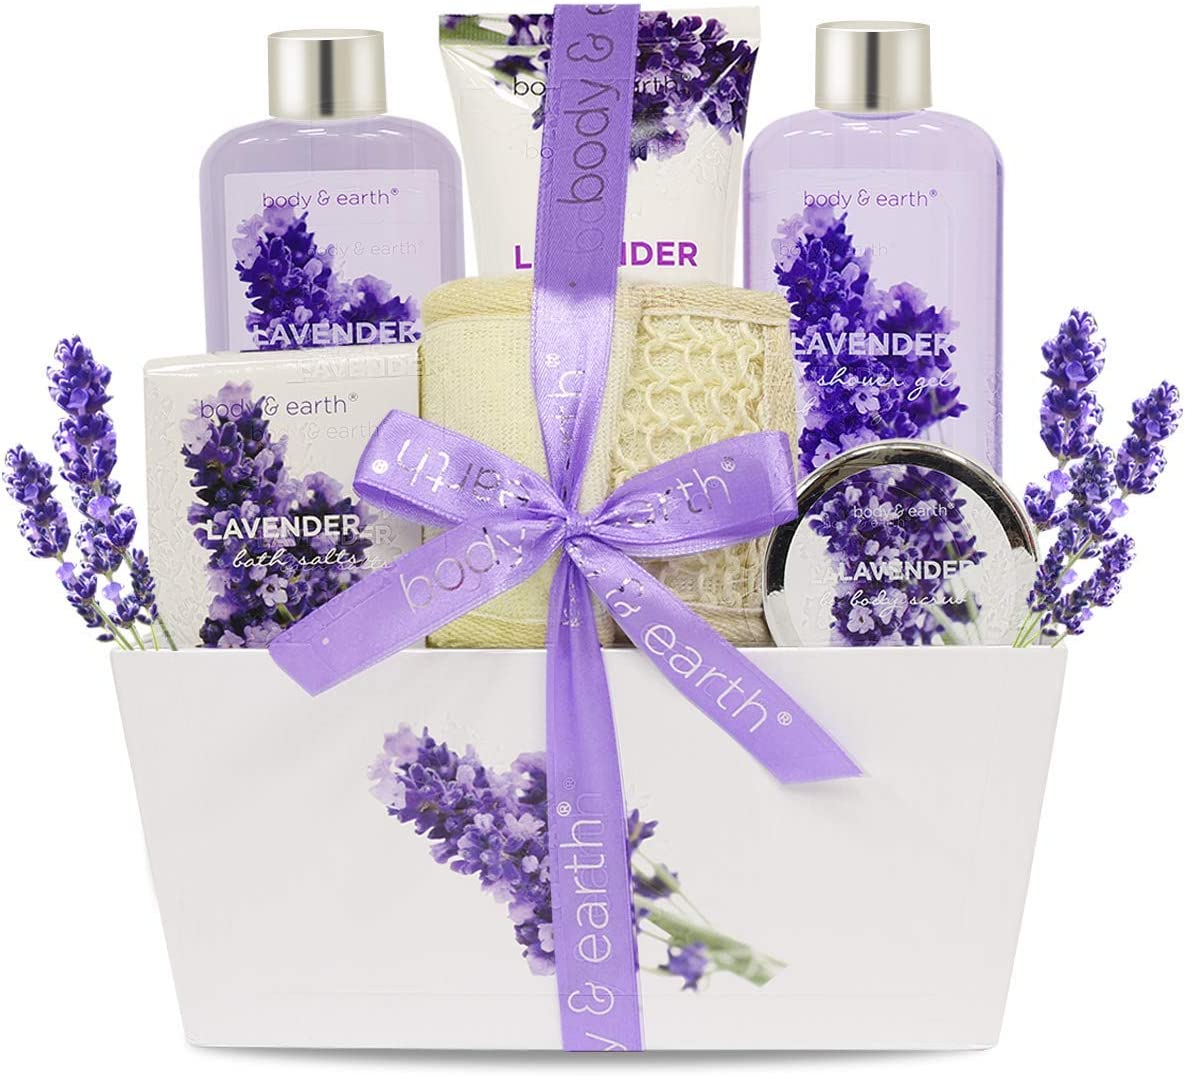 BODY & EARTH Set de baño y ducha: Canasta de regalo Fragancia de lavanda de 6 piezas Set de regalo de spa para mujeres, contiene gel de ducha, baño de burbujas, loción corporal, sal de baño